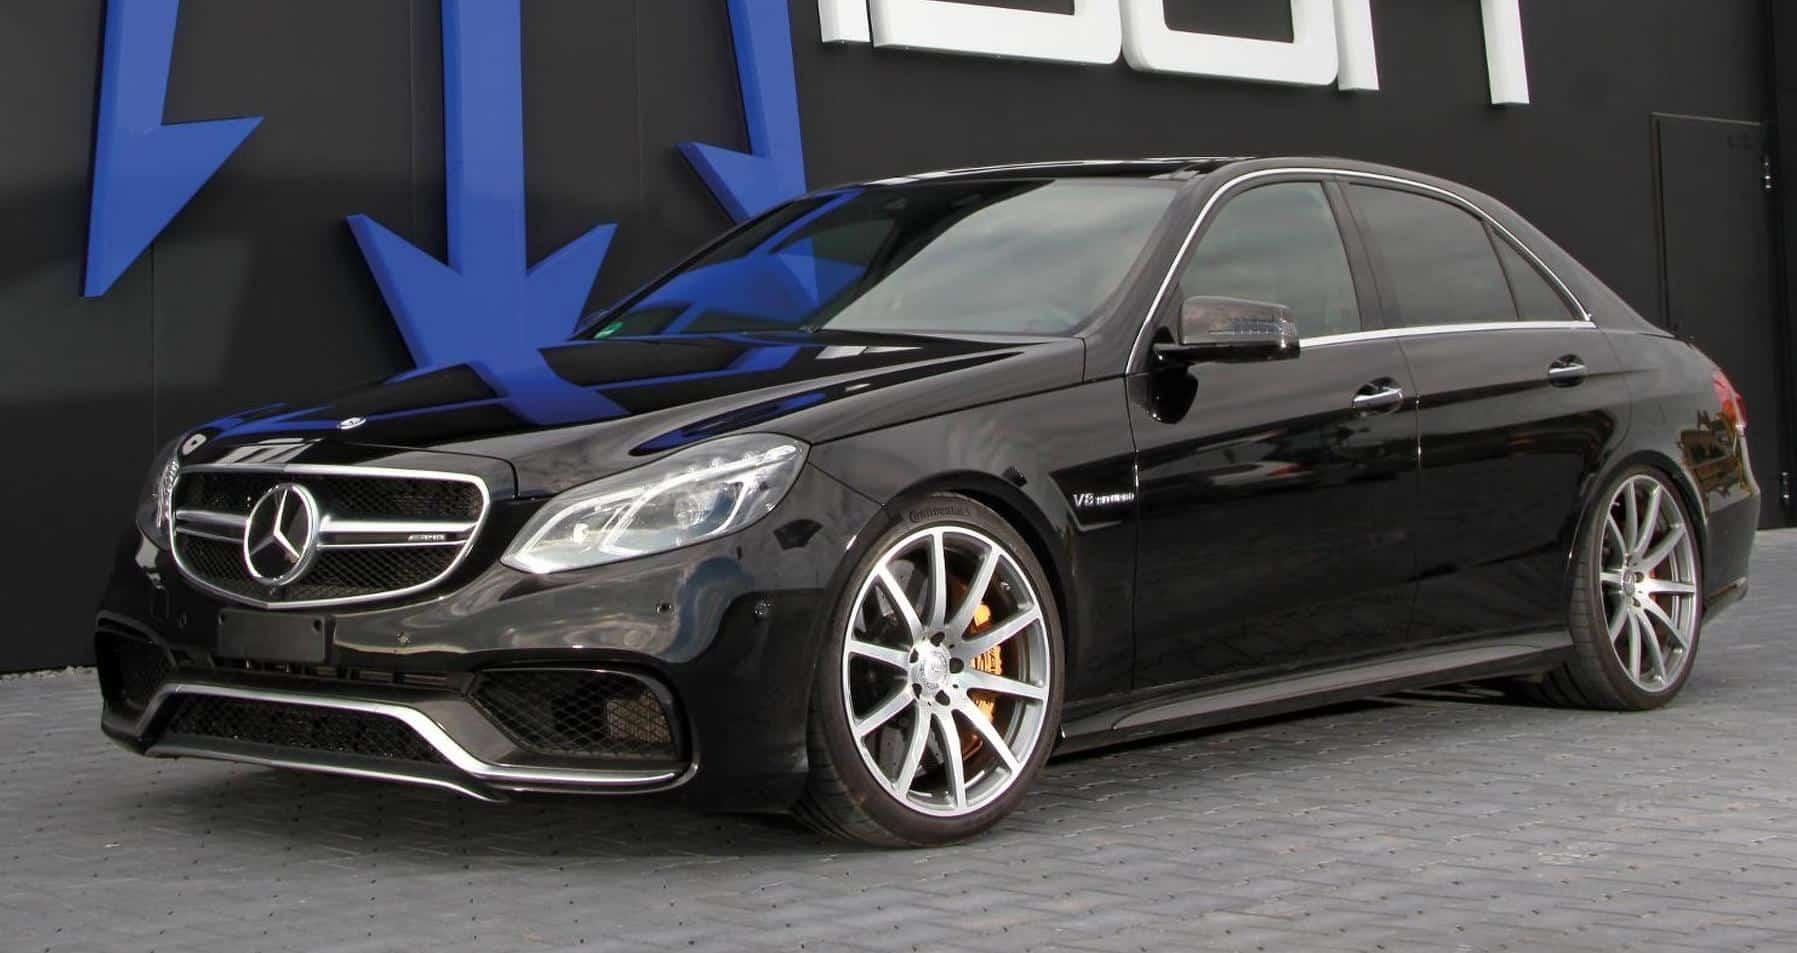 Un Mercedes-AMG E63 S más potente que un Bugatti Veyron ¡Más de 1.000 CV bajo el capó!